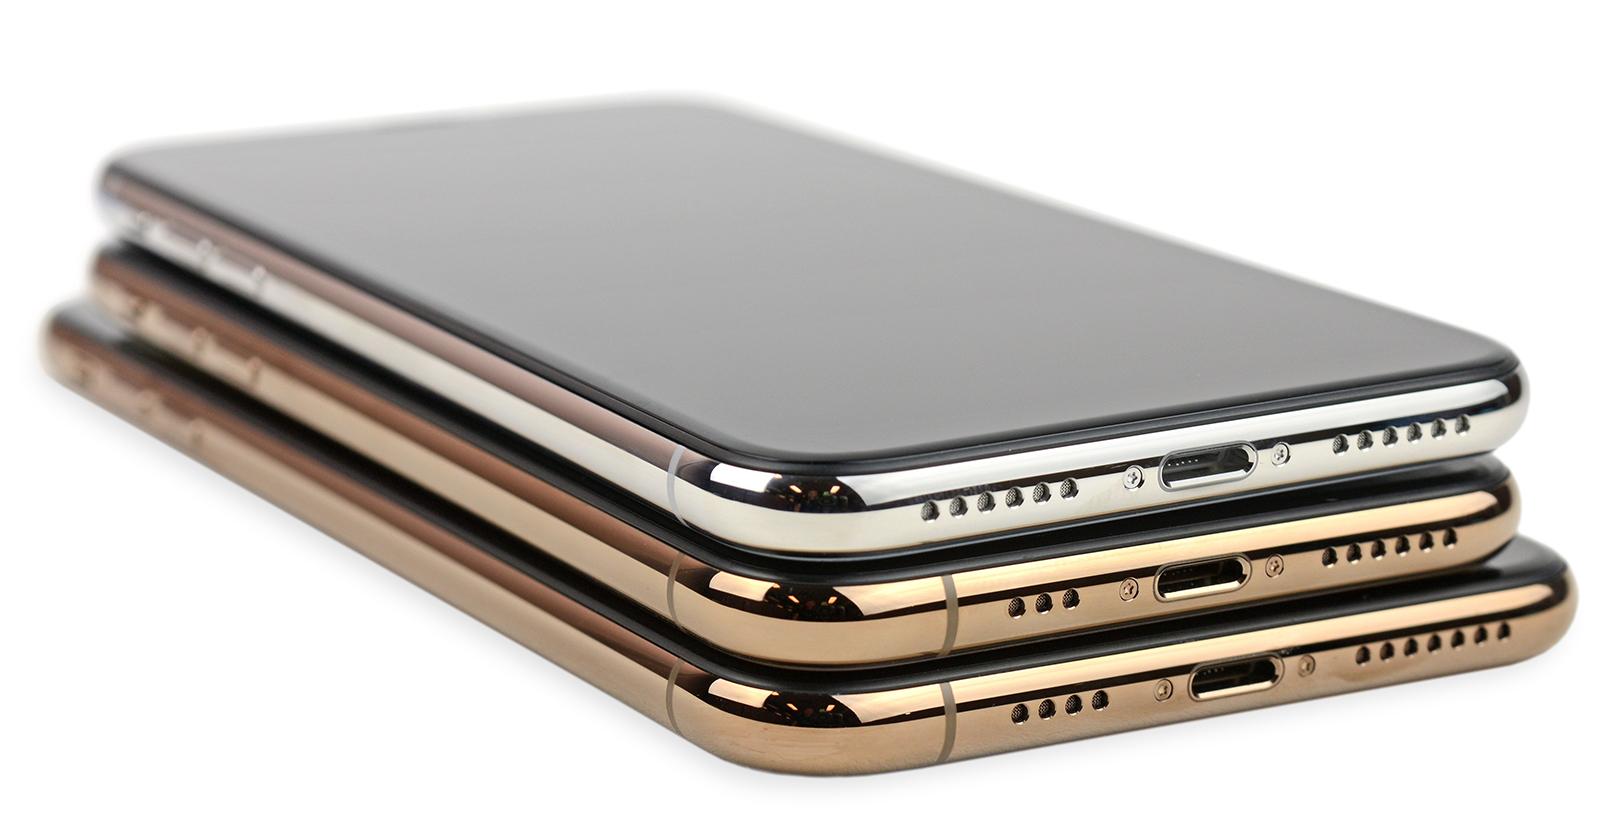 Comparación de las antenas del iPhone X y XS - XS Max (vía iFixit)